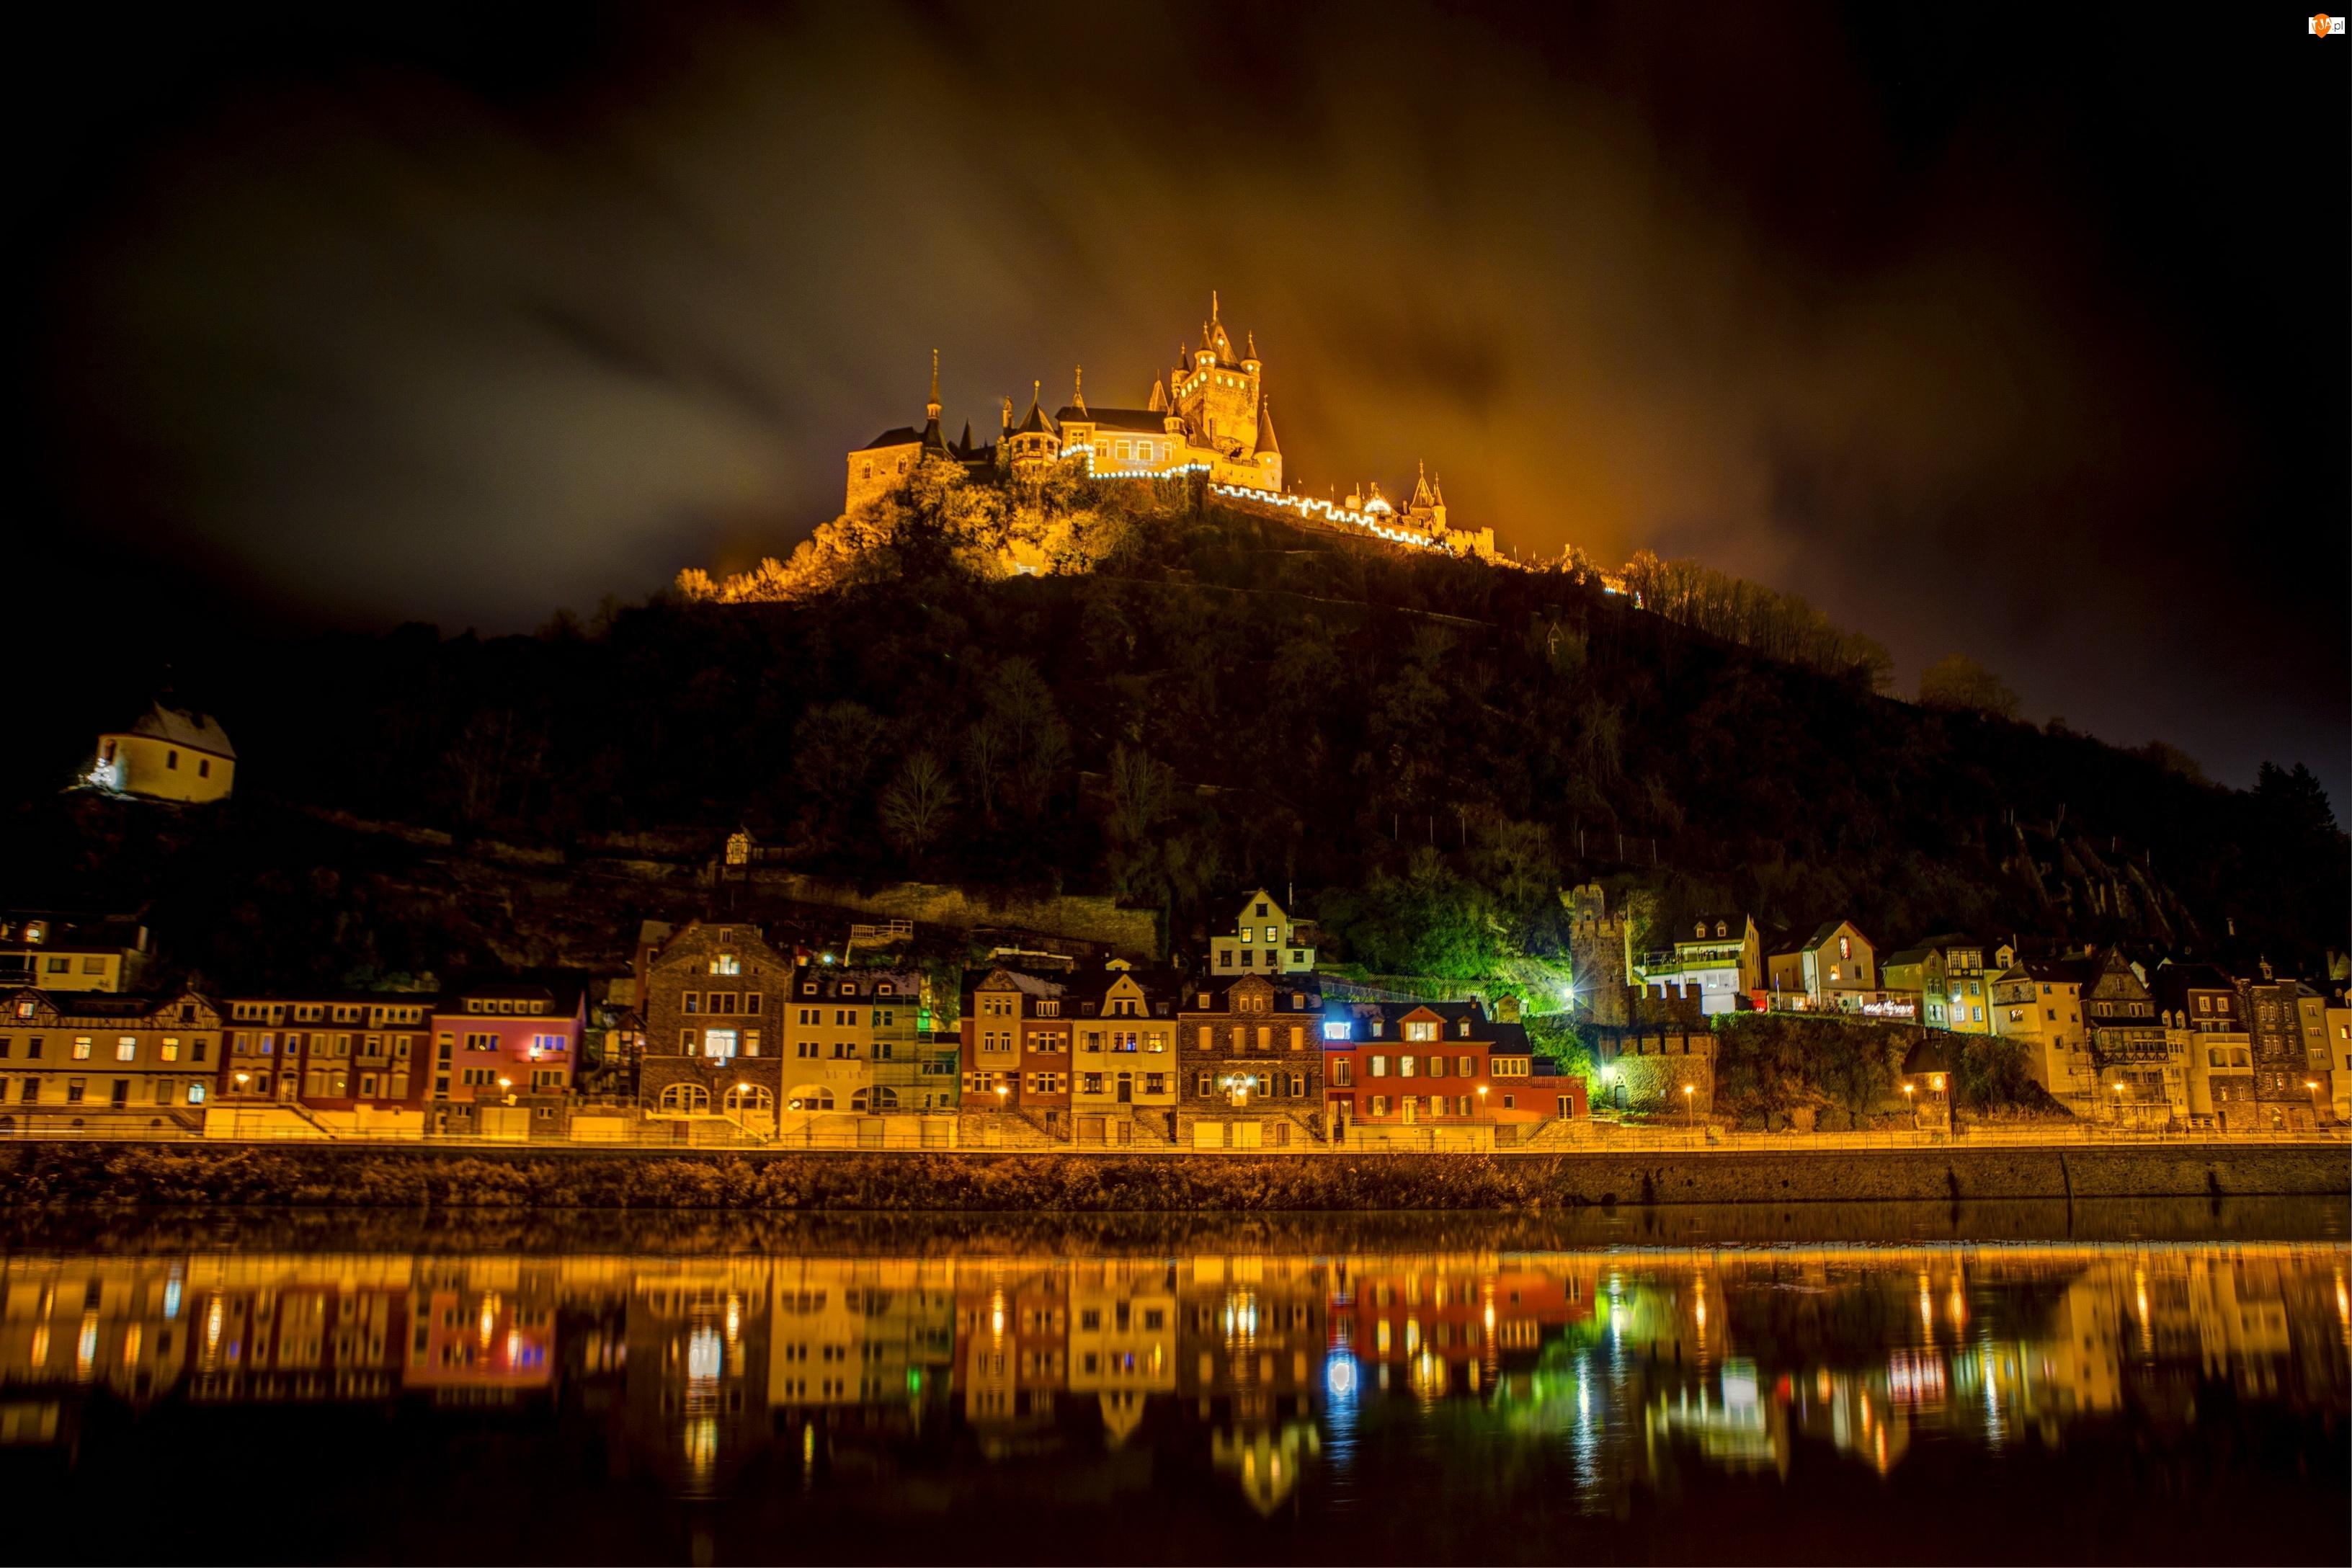 Zamek, Światła, Rzeka, Niemcy, Domy, Noc